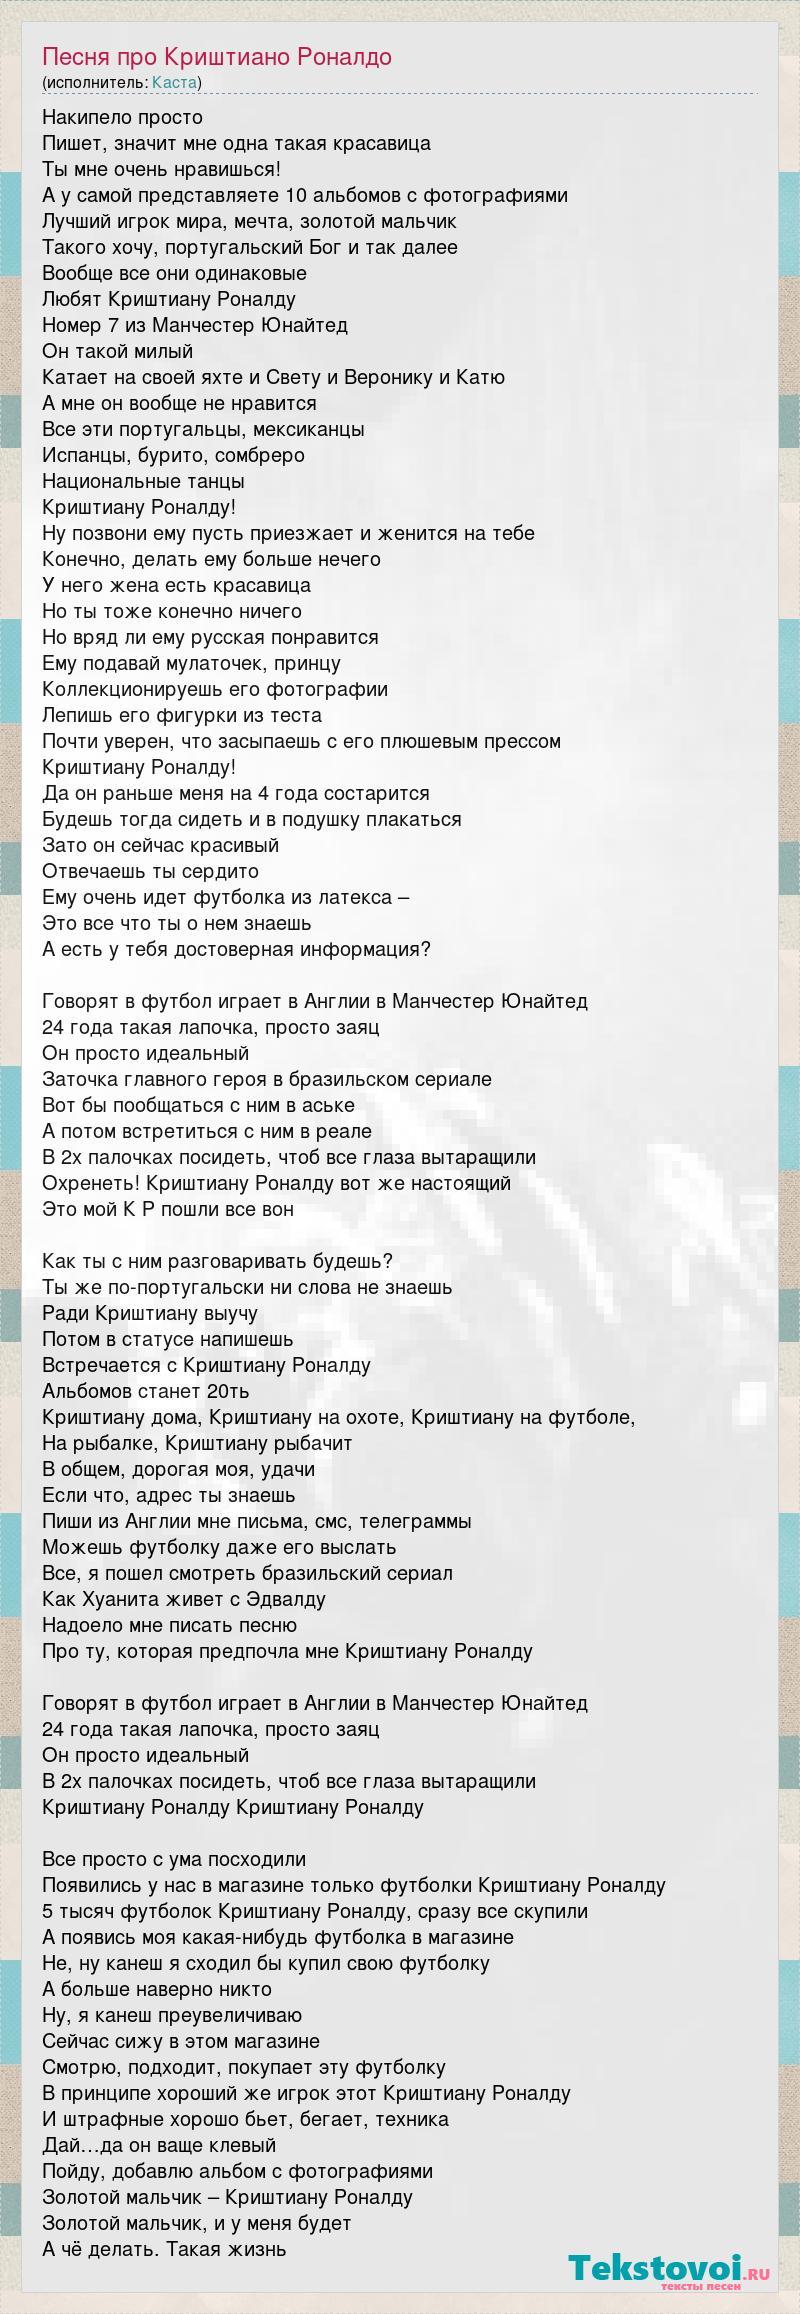 Песня про криштиану роналду текст